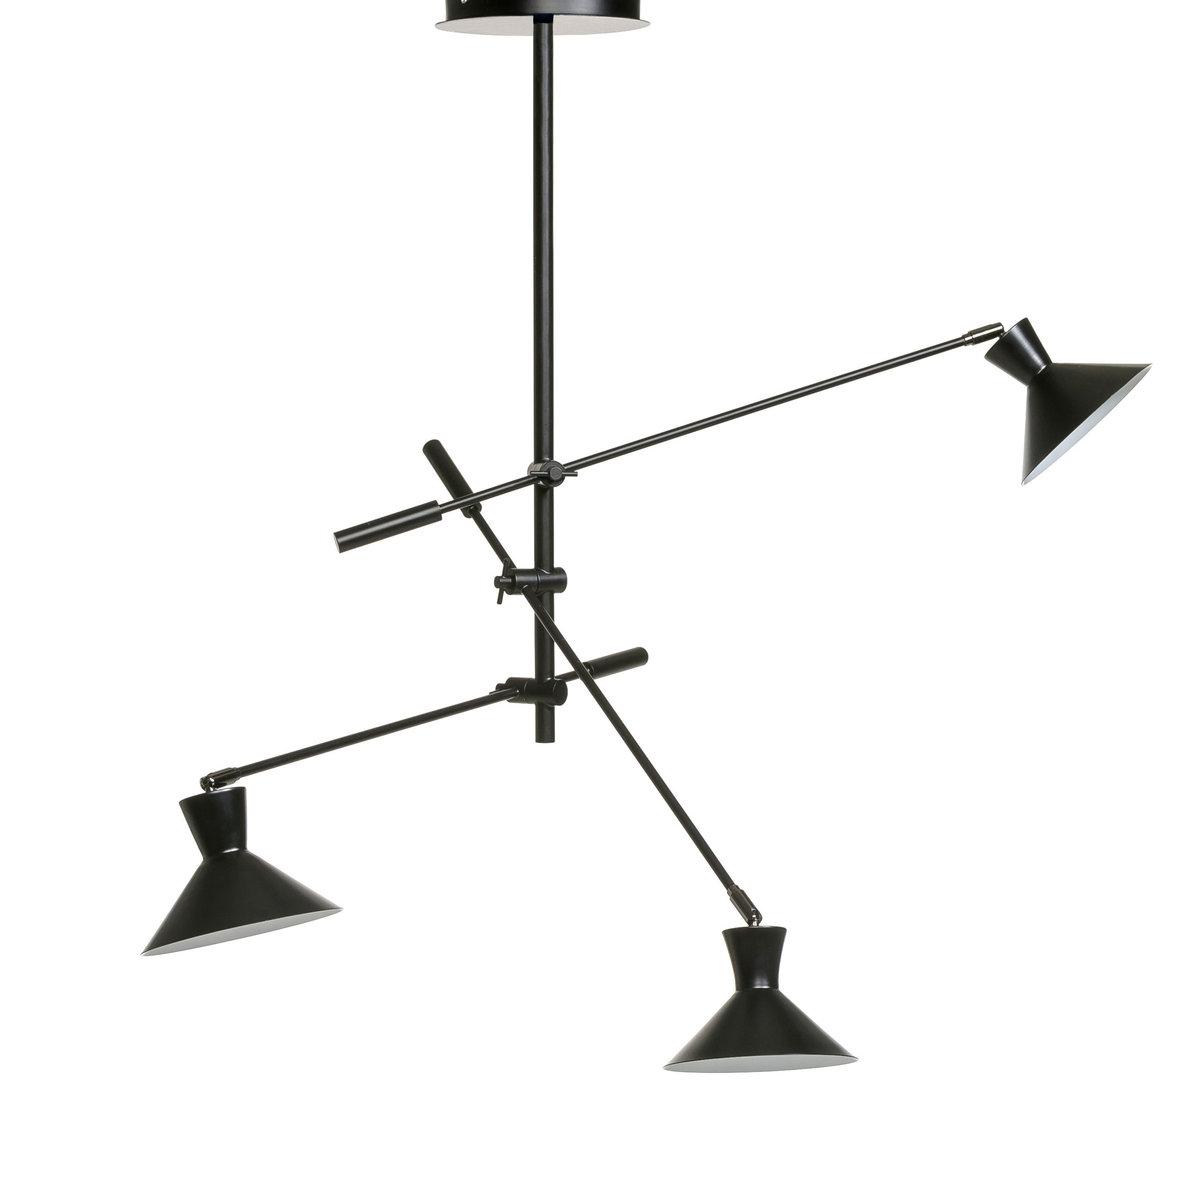 Светильник с 3 рукавами VoltigeОбщая длина  (в обычном положении) : диаметр  119,5 см . Чаша диаметр 22 см . 3 патрона E14 (не входят в комплект).       Для флюокомпактной лампочки макс. 11 W (не входит в комплект). Этот светильник совместим с лампочками    энергетического класса   A .<br><br>Цвет: черный